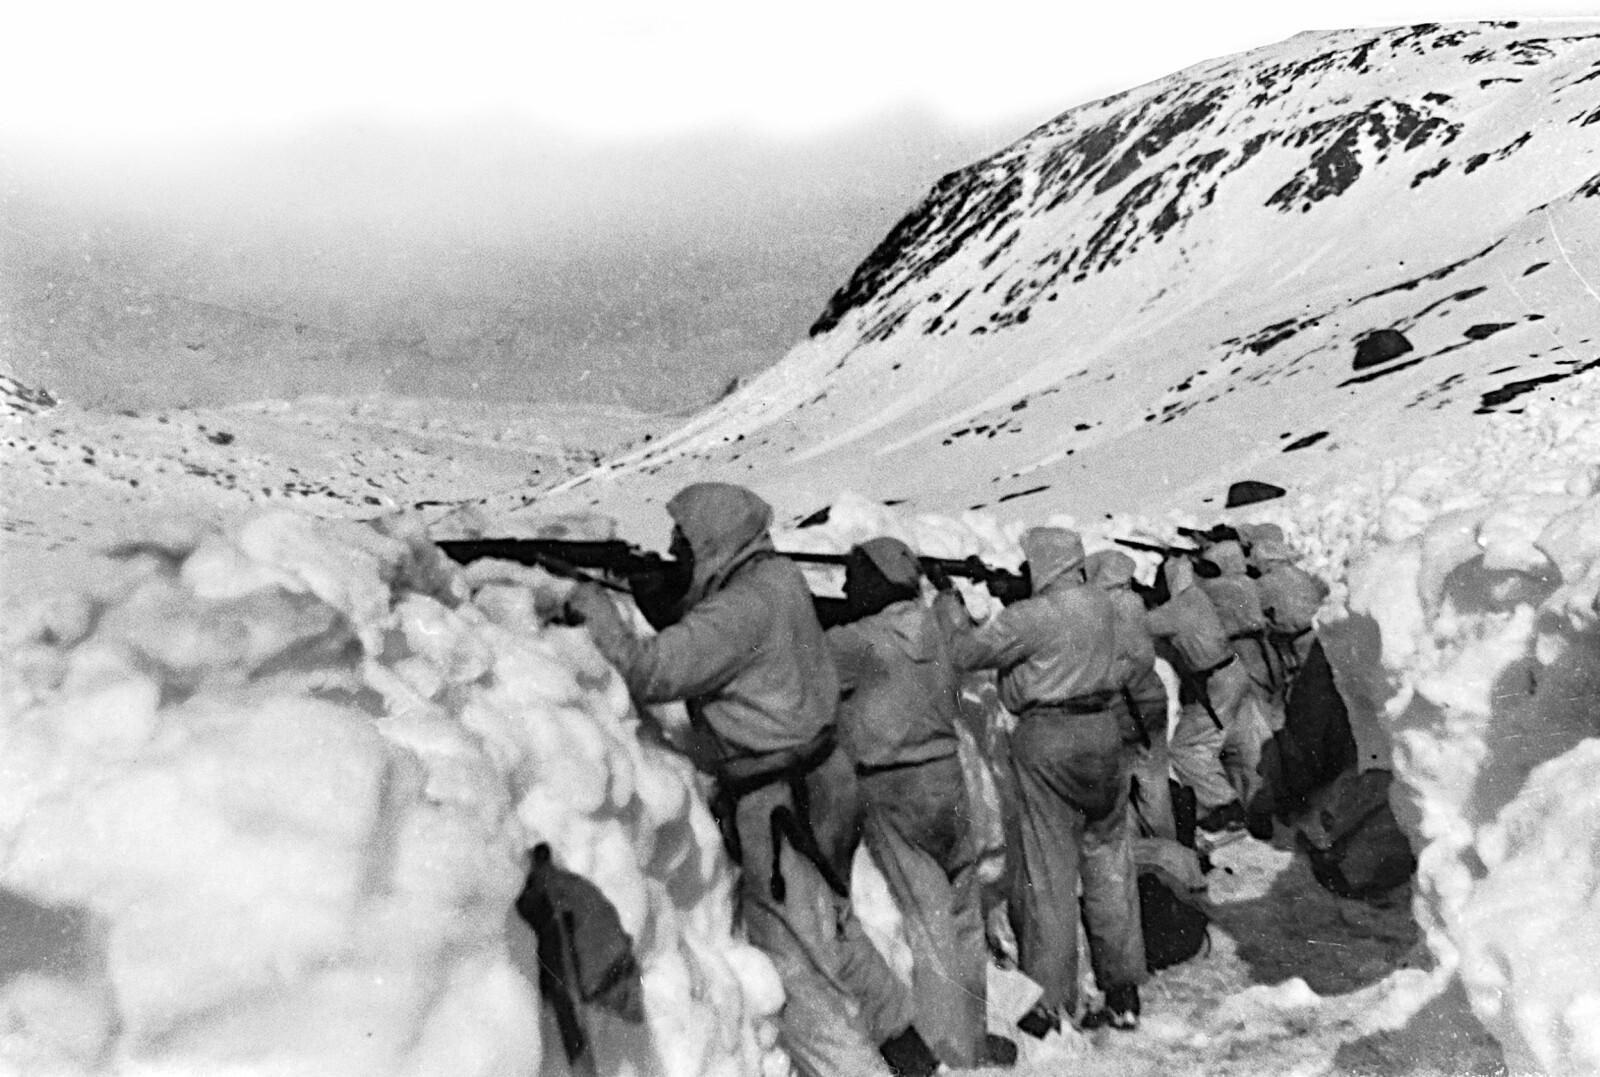 <b>SLO TILBAKE:</b> Norske skyttere i stilling på fronten ved Gratangen under felttoget i 1940. Våren var sen og snøen lå dyp i fjellene. Fienden oppdaget raskt at nordmennene var gode på ski og enda bedre til å skyte.